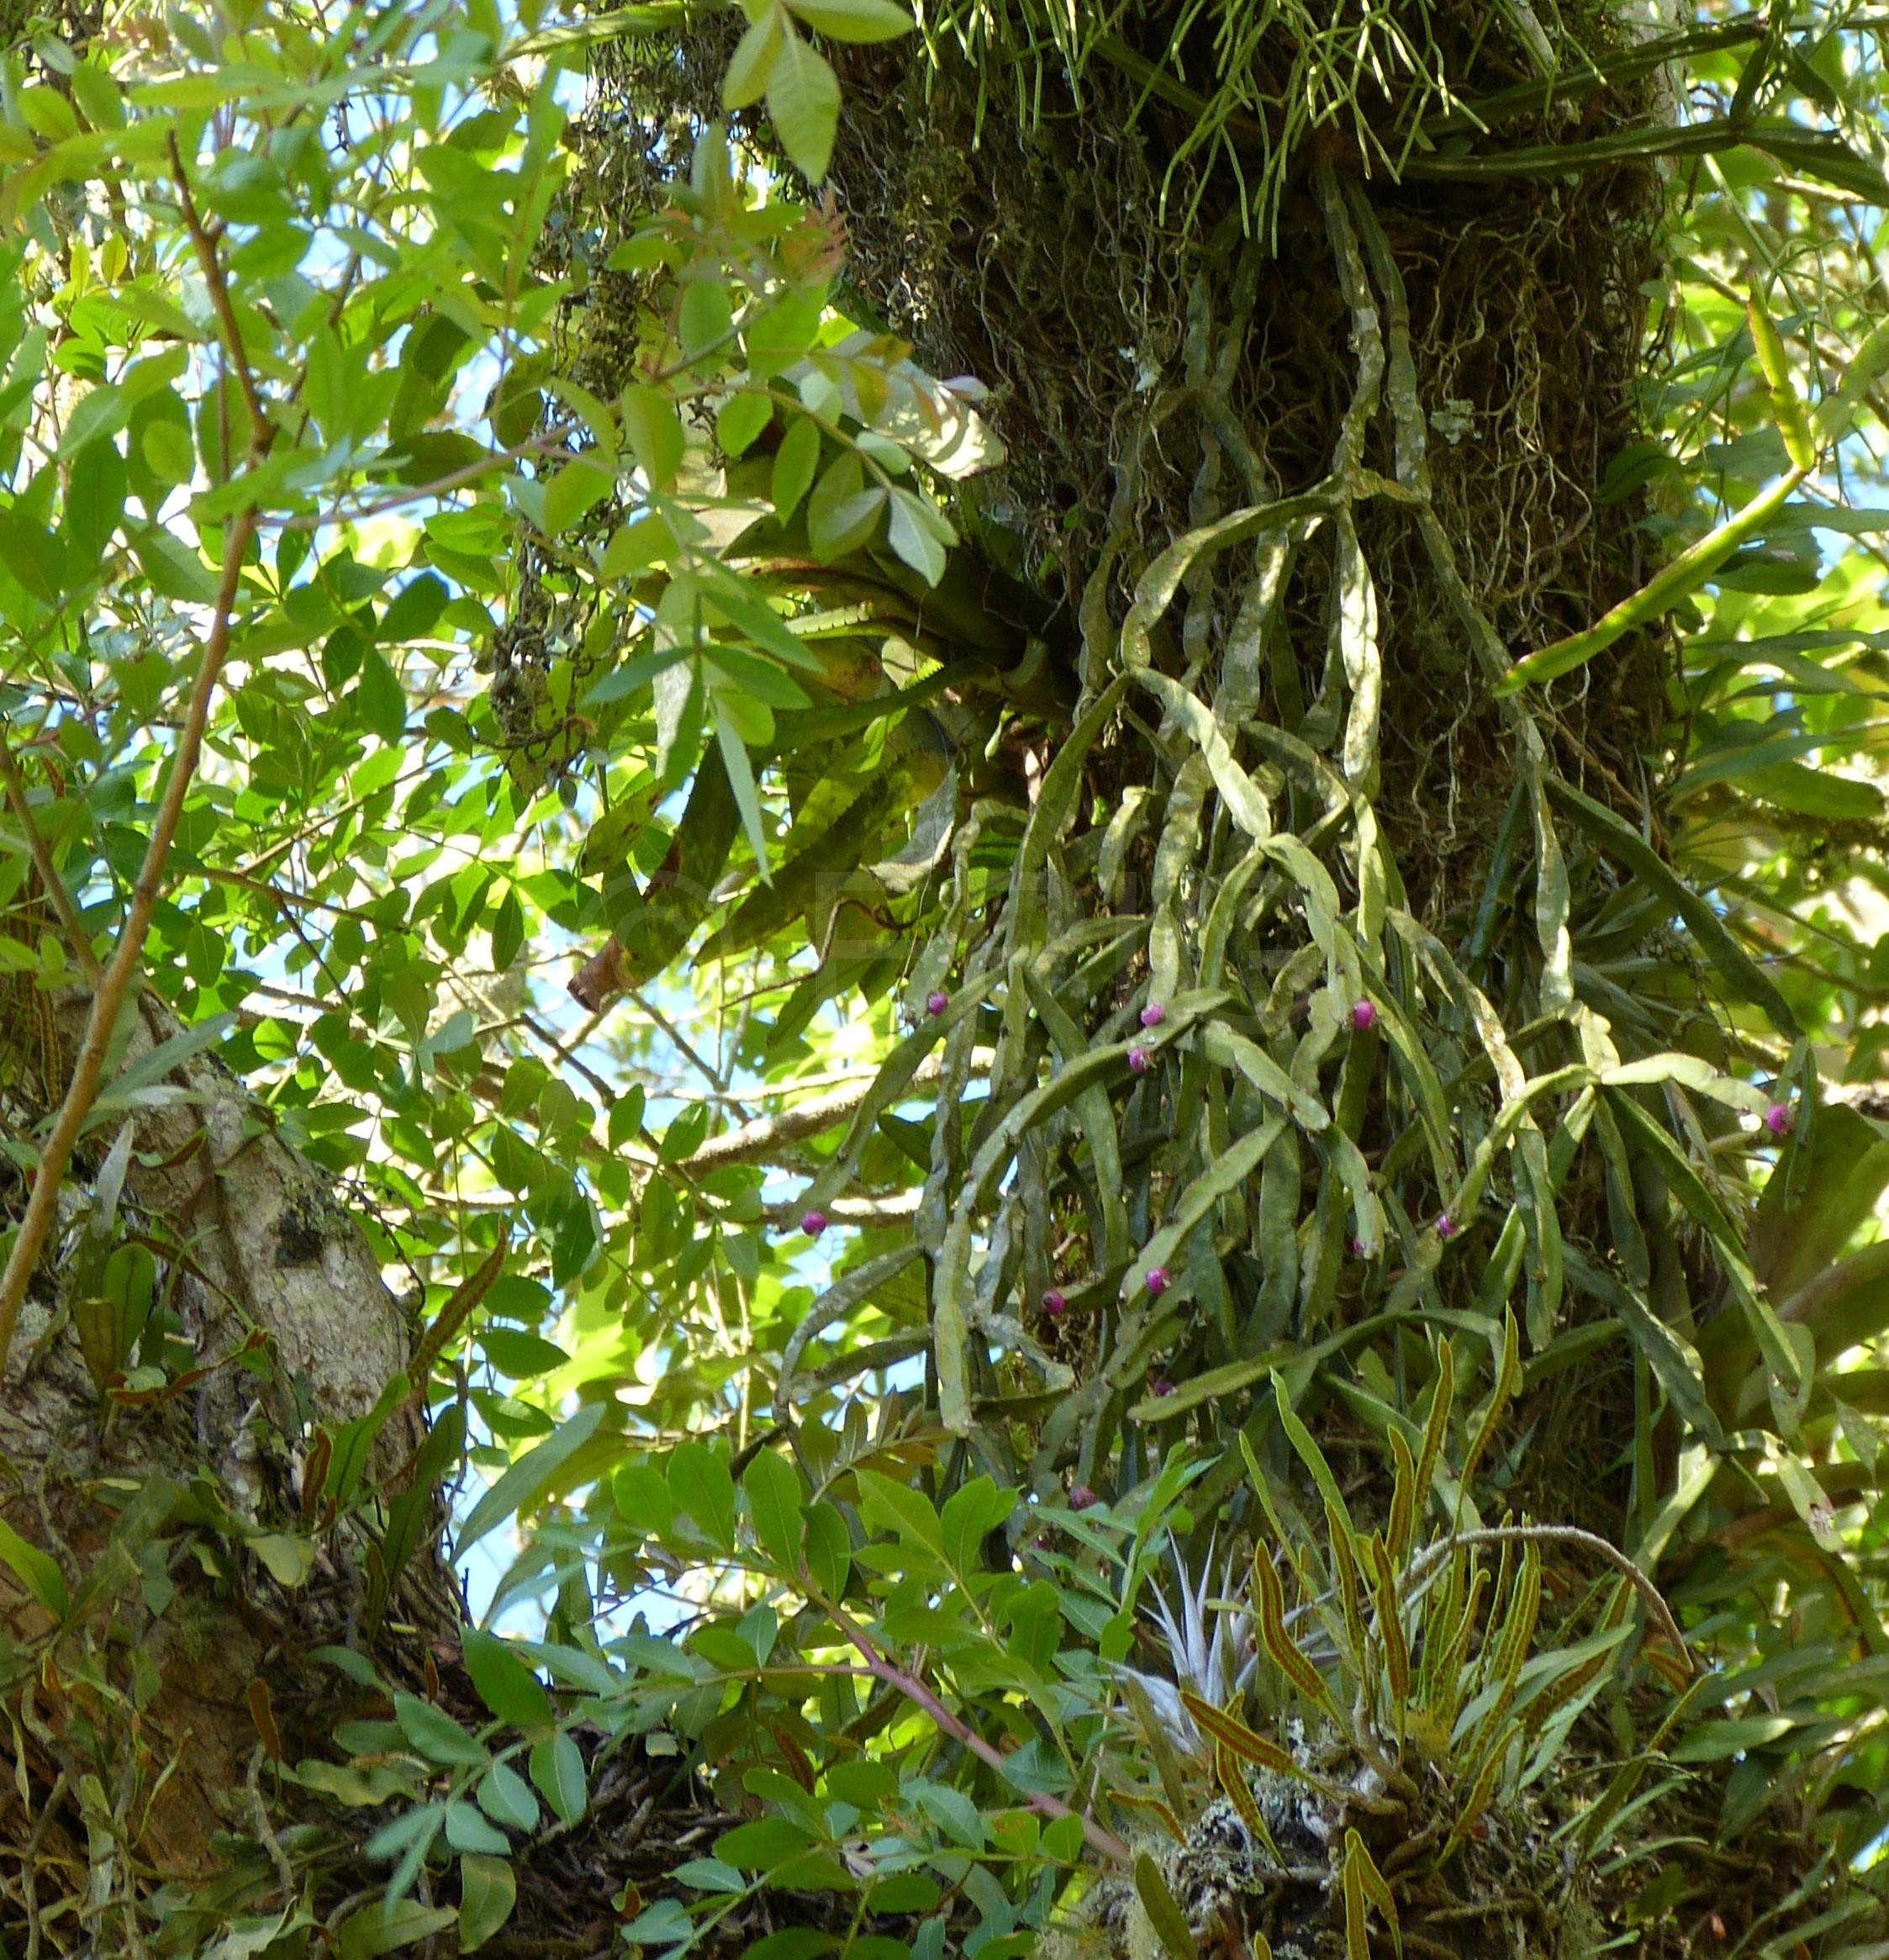 Rhipsalis paradoxa Früchte Campos de Jordao (Foto Ruud Tropper)